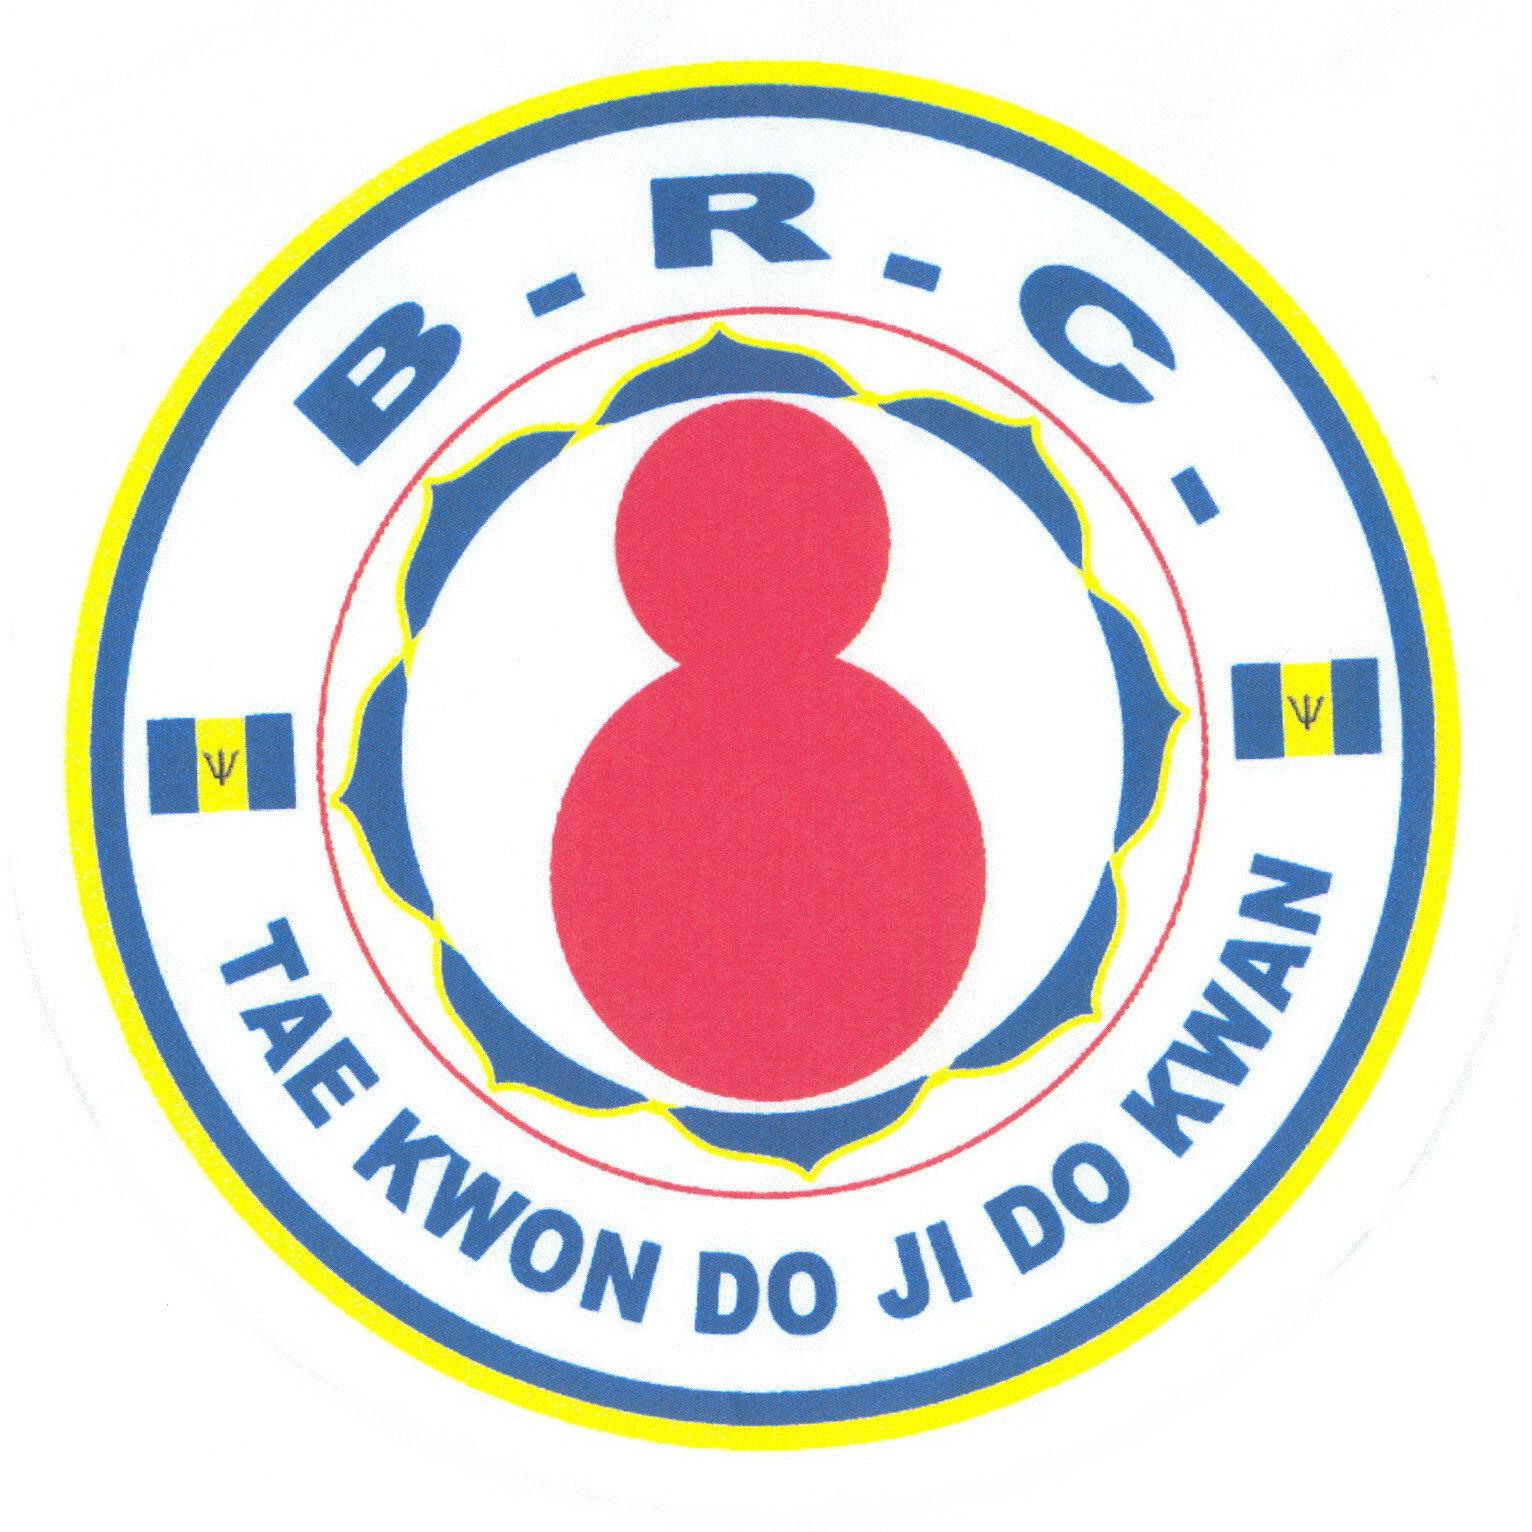 B.R.C. Taekwondo image 1